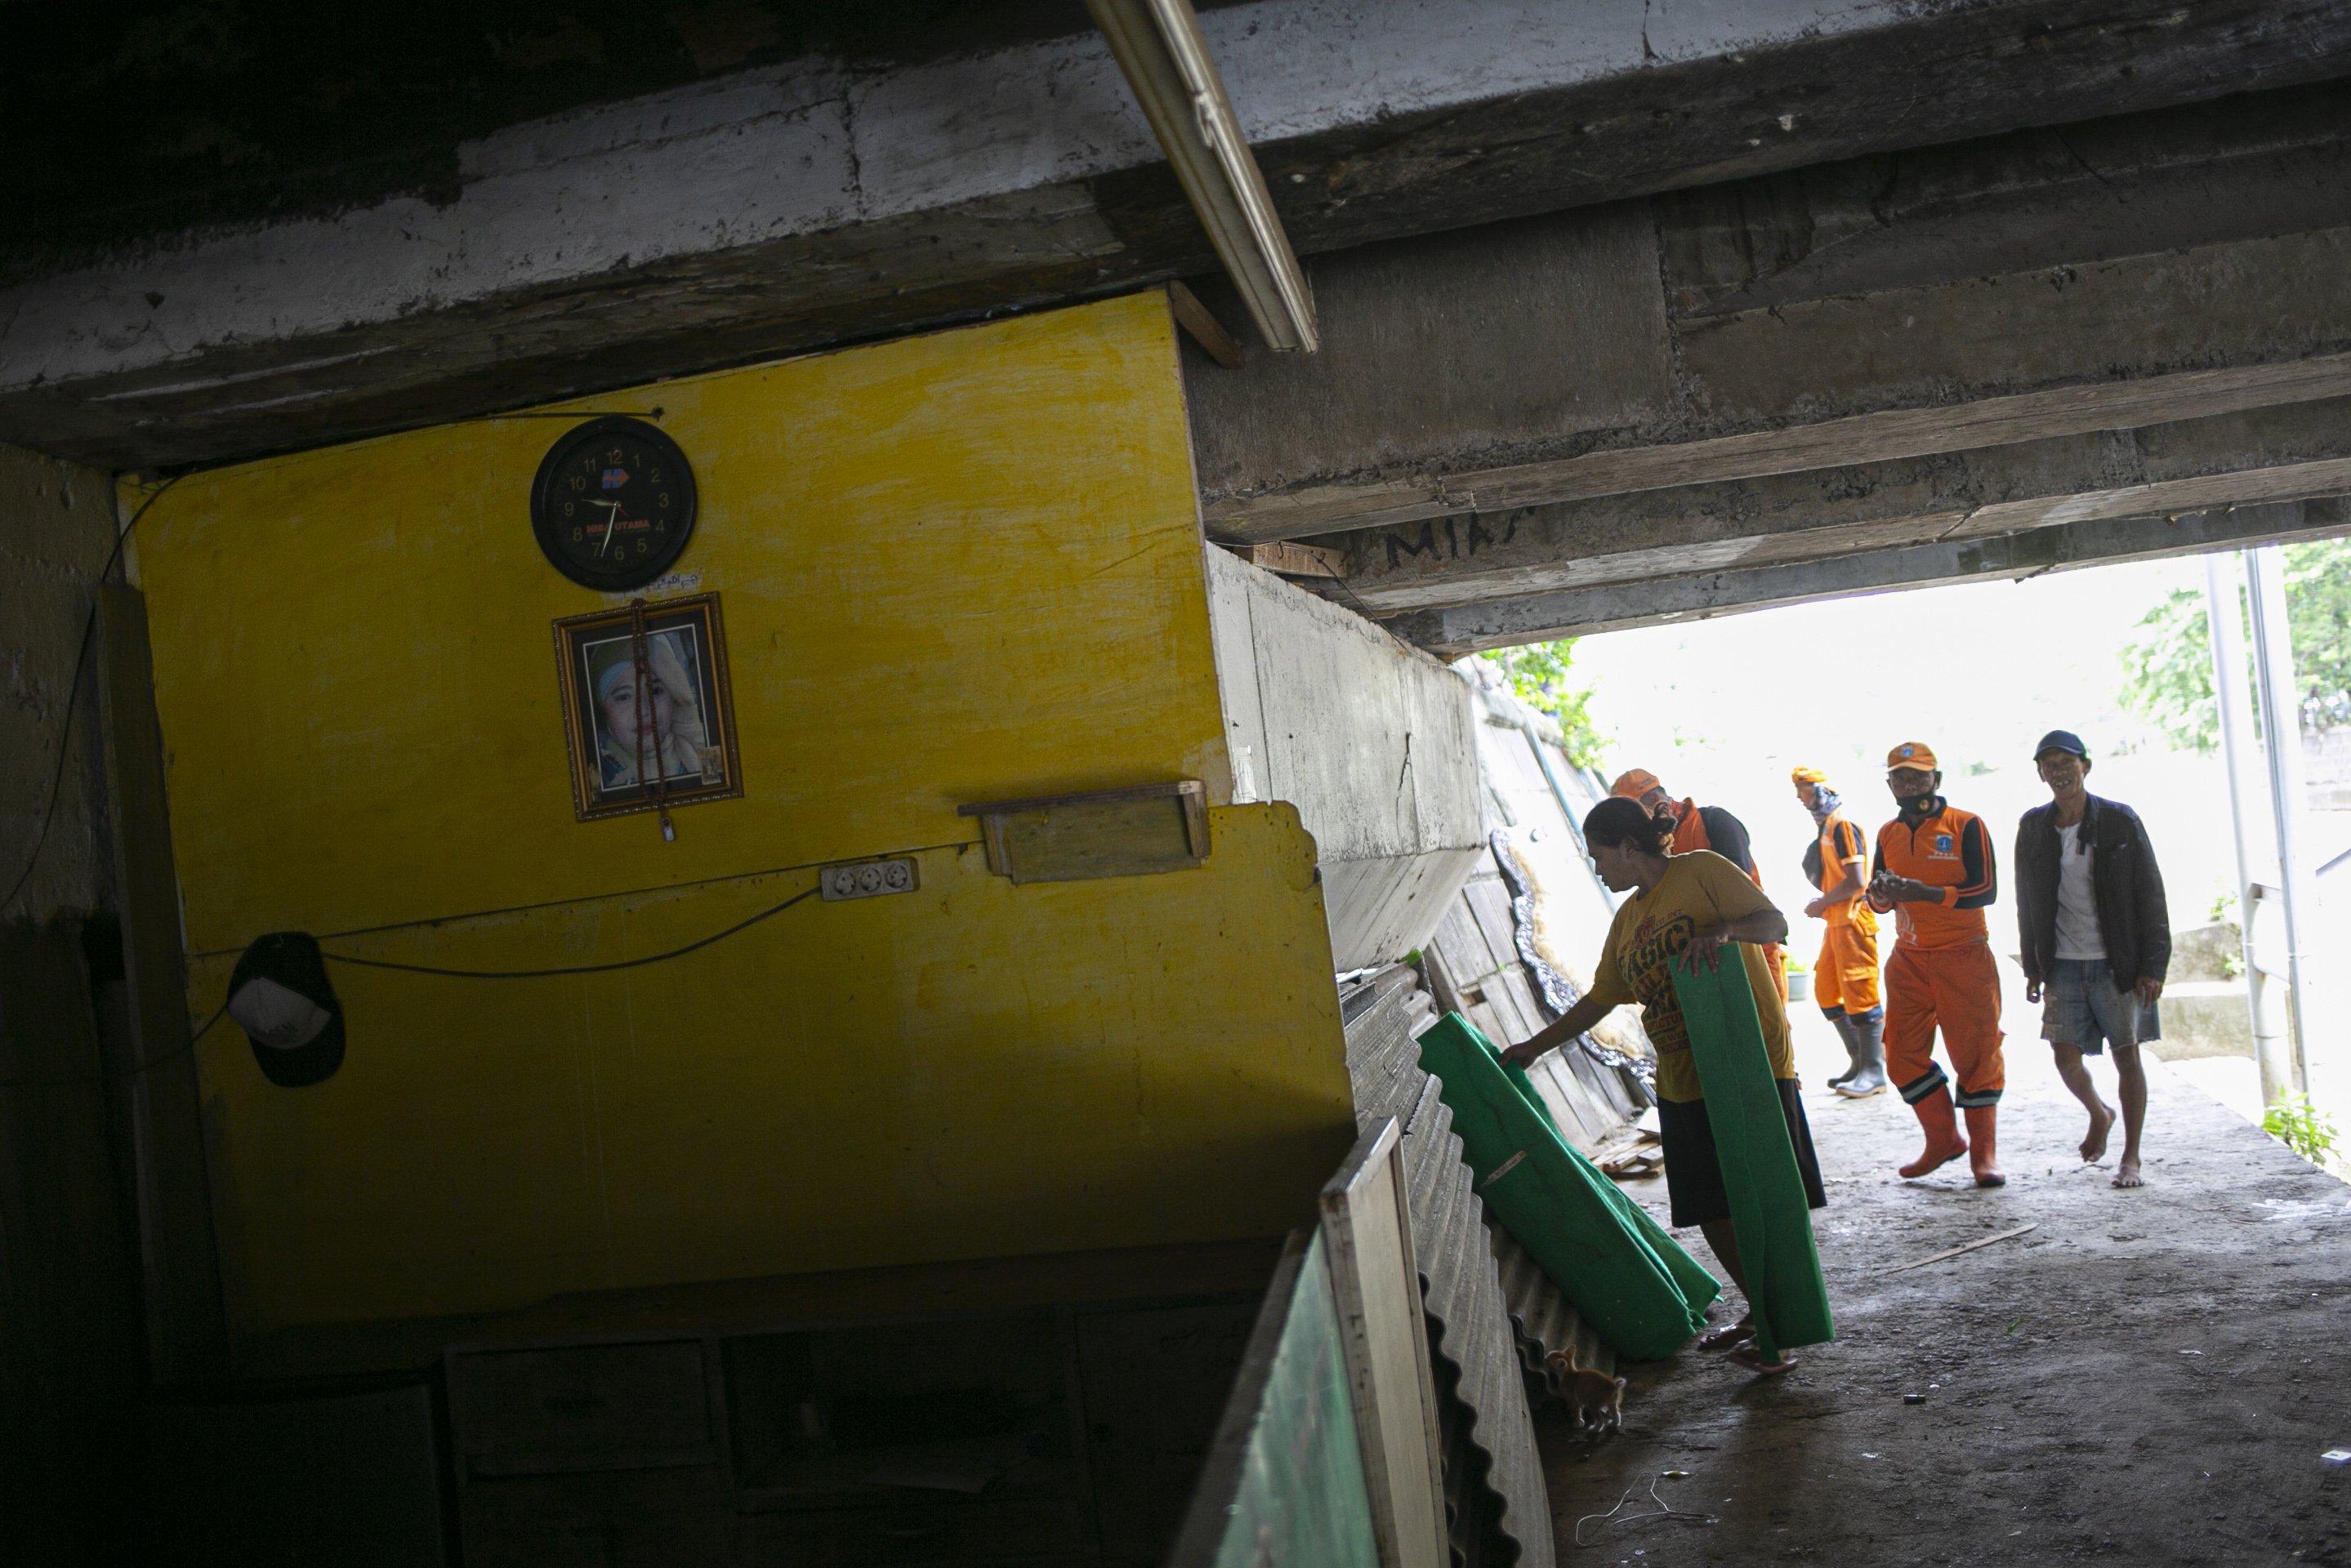 Warga mengemas barang-barang saat penertiban bangunan liar di kolong jembatan Jalan Proklamasi, Pegangsaan, Menteng, Jakarta, Selasa (28/12/2020). Kurang lebih sebanyak 12 hunian liar ditertibkan oleh petugas dari Kelurahan Pegangsaan, setelah sebelumnya Menteri Sosial Tri Rismaharini melakukan sidak di kolong jembatan tersebut.